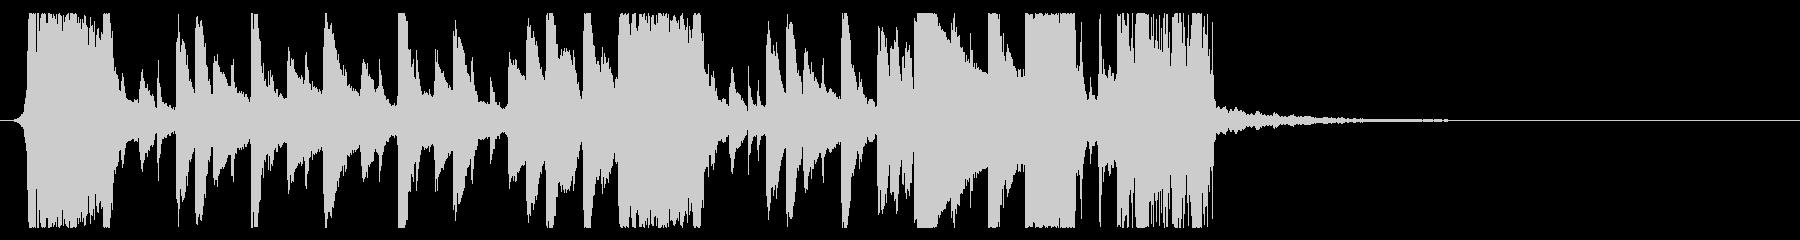 YouTube ダブステップジングル03の未再生の波形